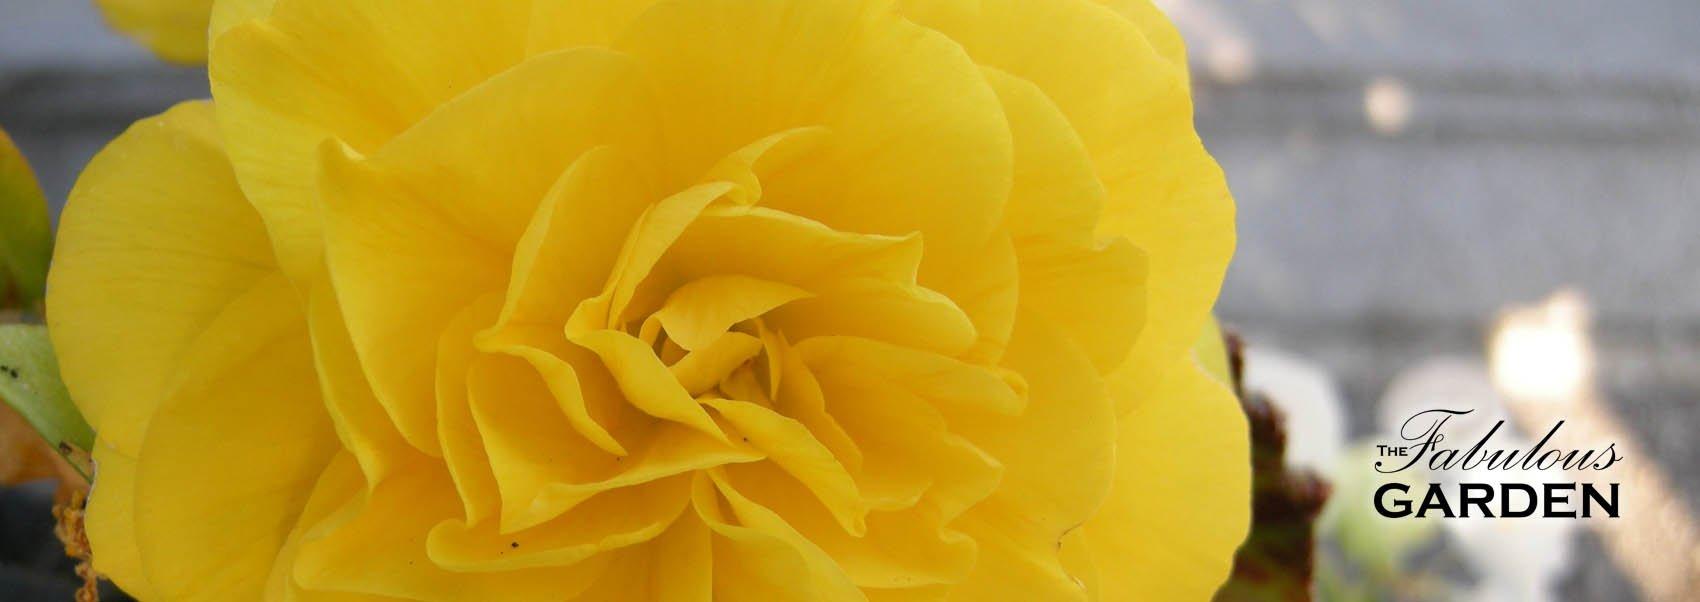 Plant profile: Tuberous Begonias